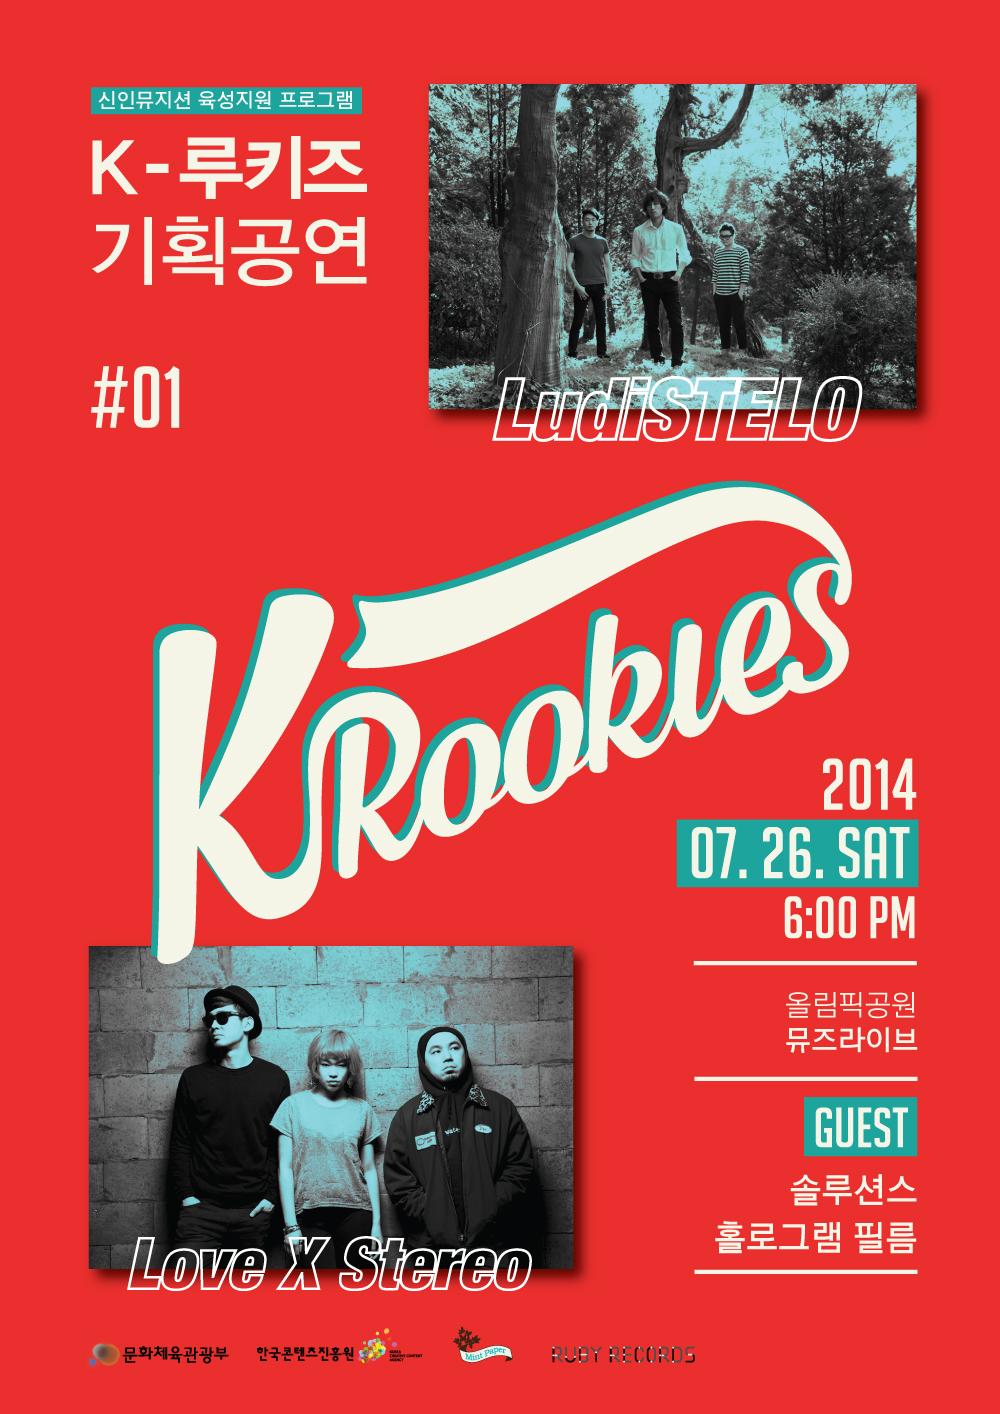 K-루키즈 0726 기획공연#1